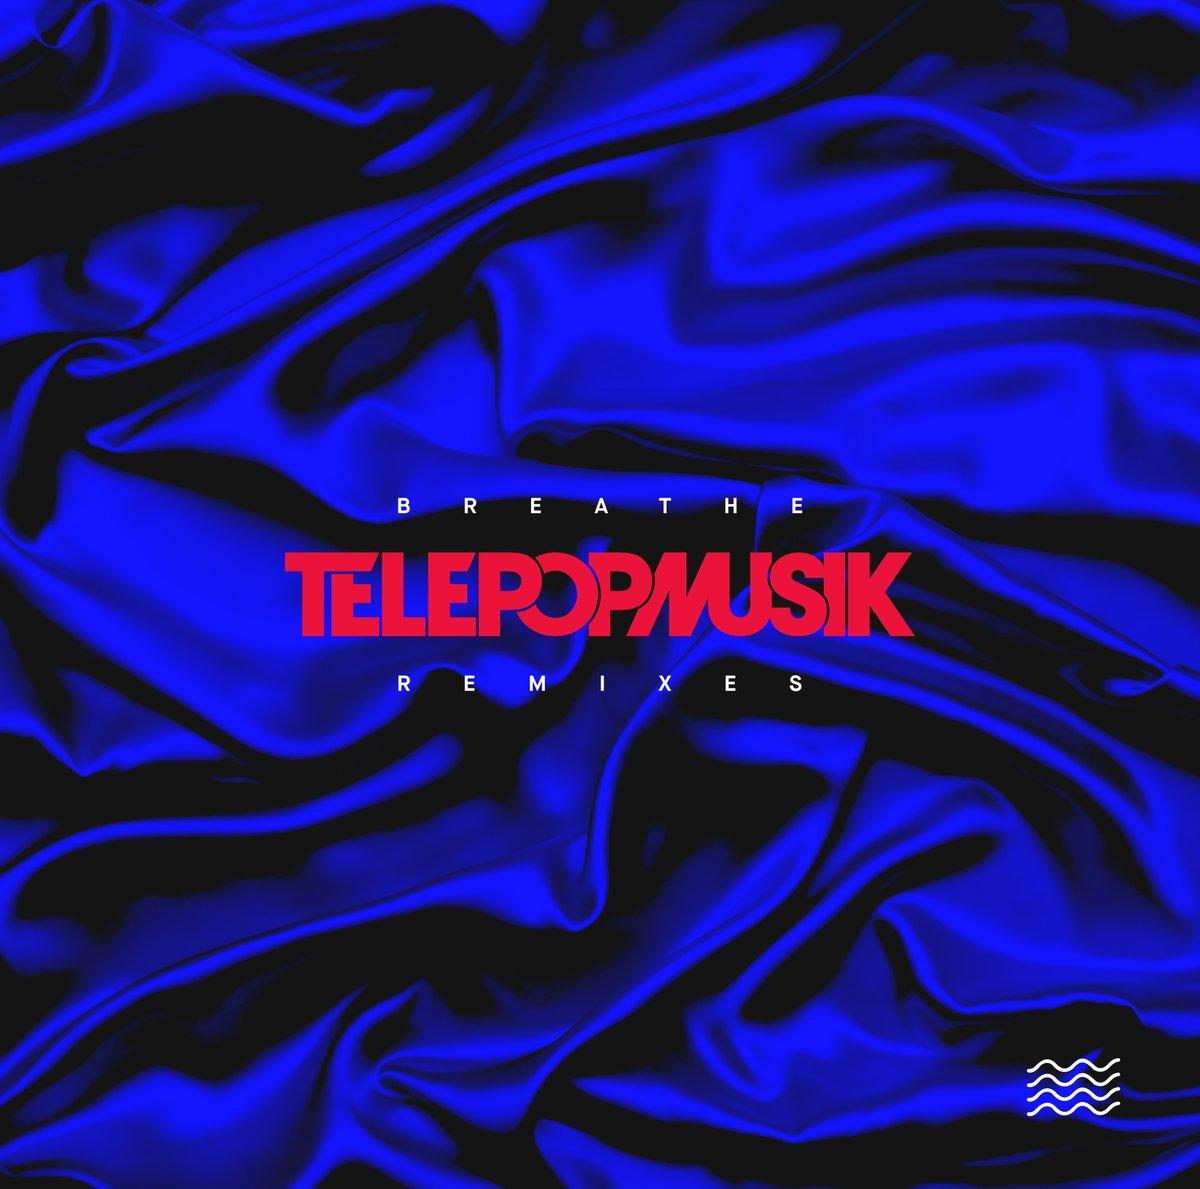 Telepopmusik-x-Roche-Musique